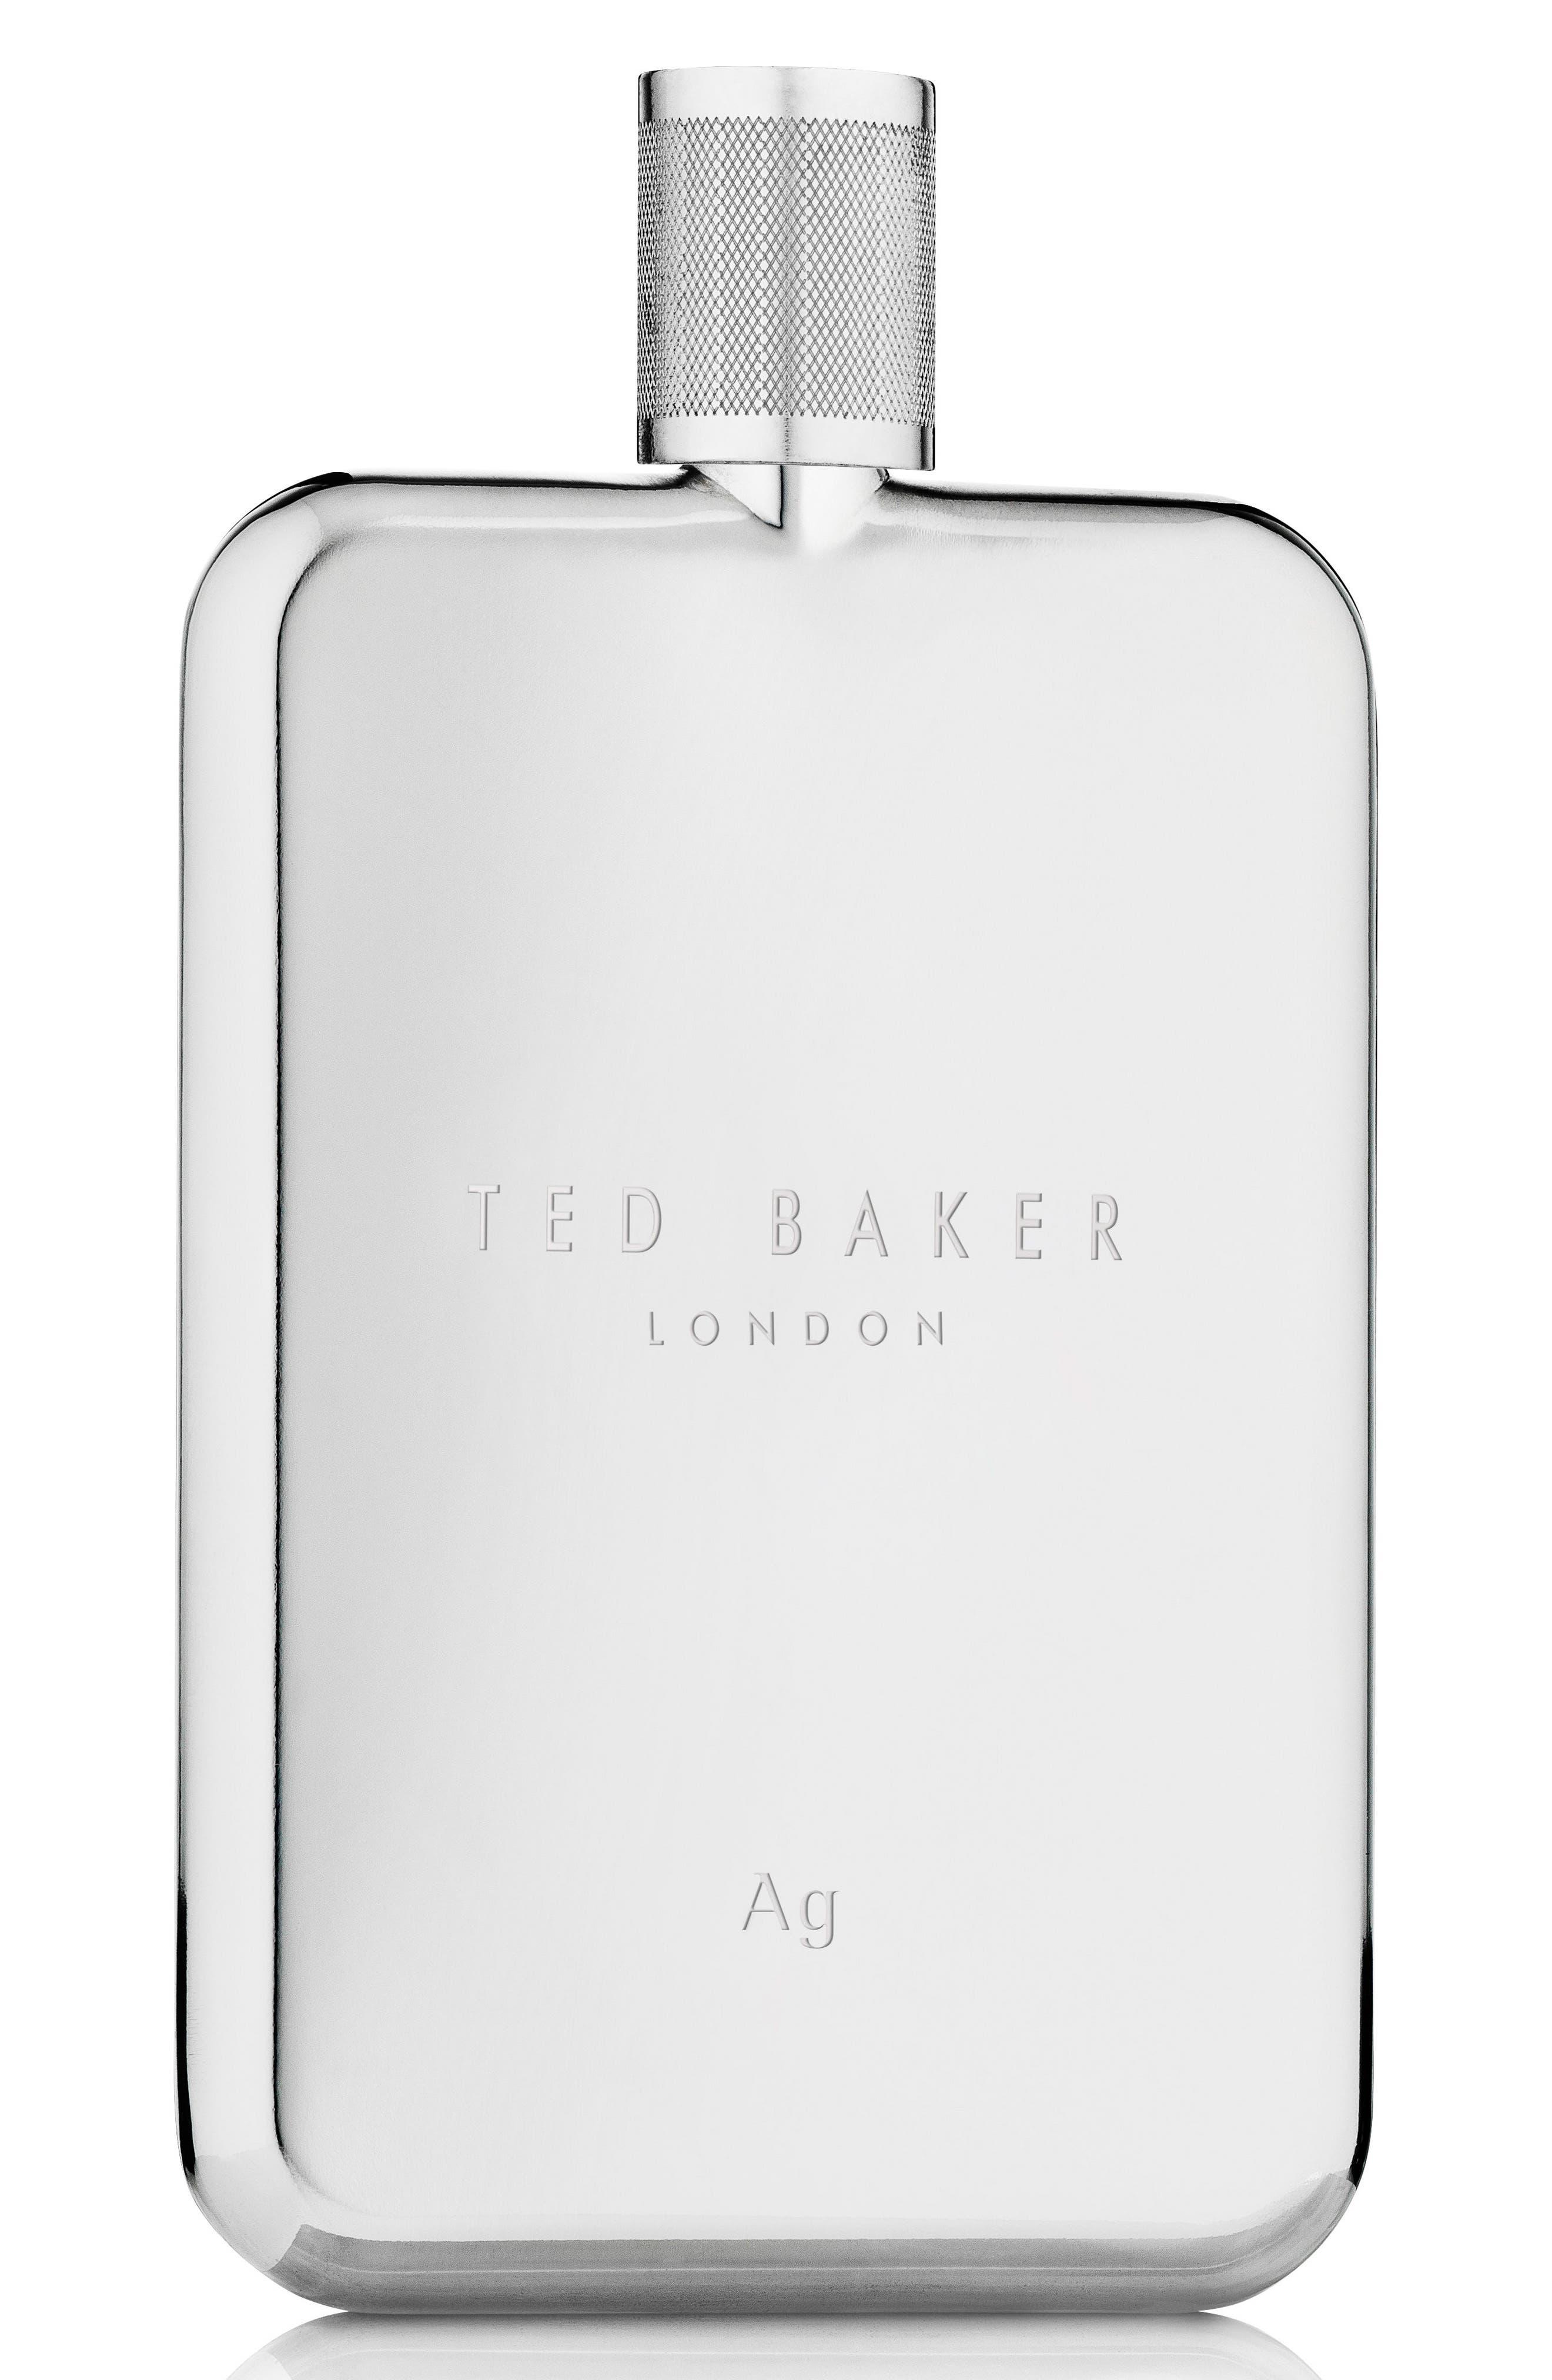 Ted Baker London Travel Tonic Ag Eau De Toilette